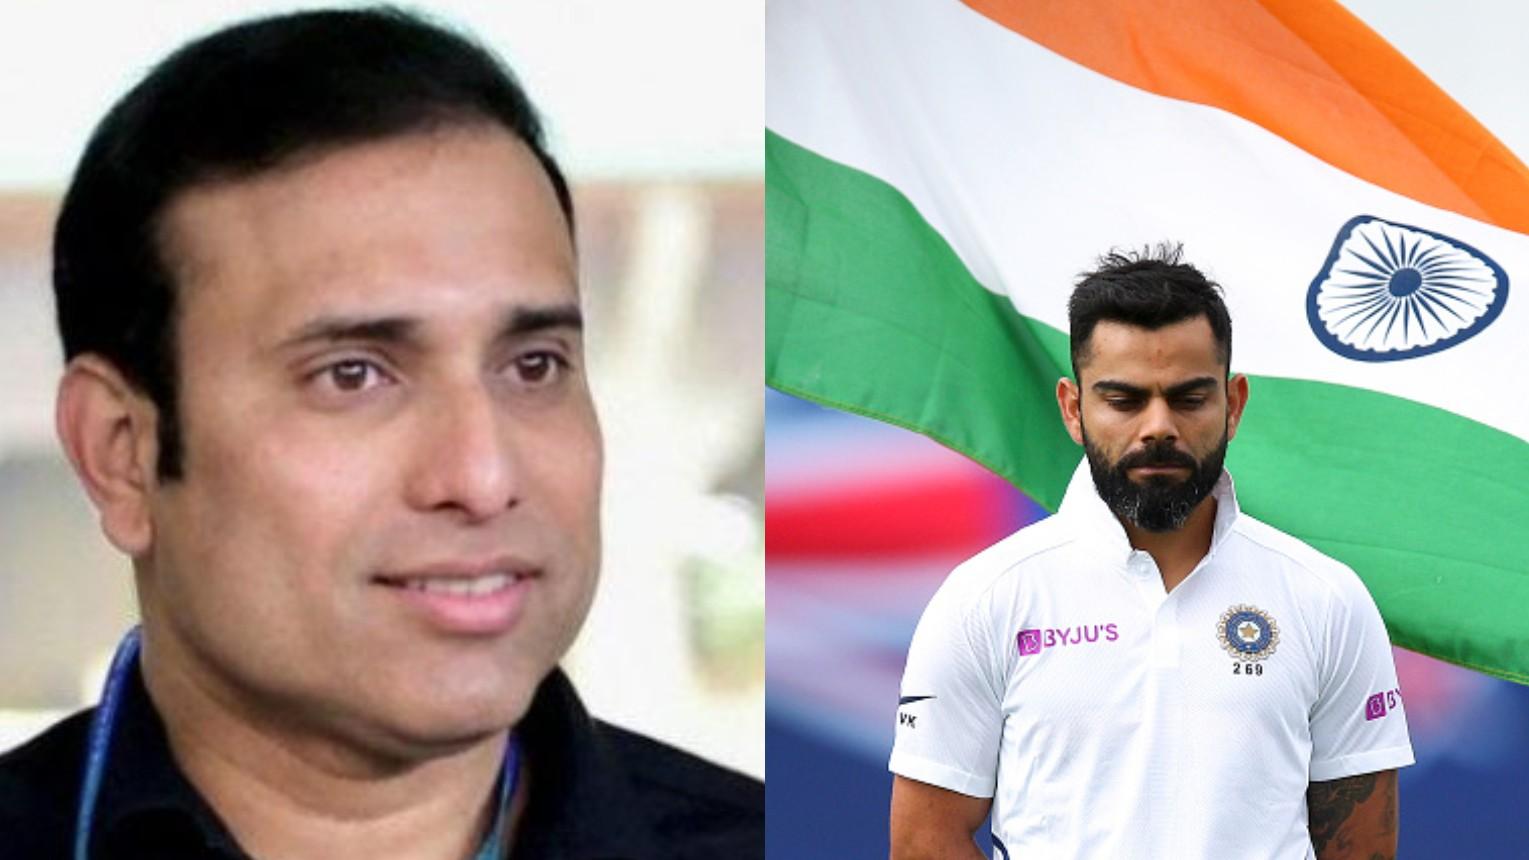 NZ v IND 2020: Virat Kohli needs to show more discipline, says VVS Laxman on Indian captain's poor show